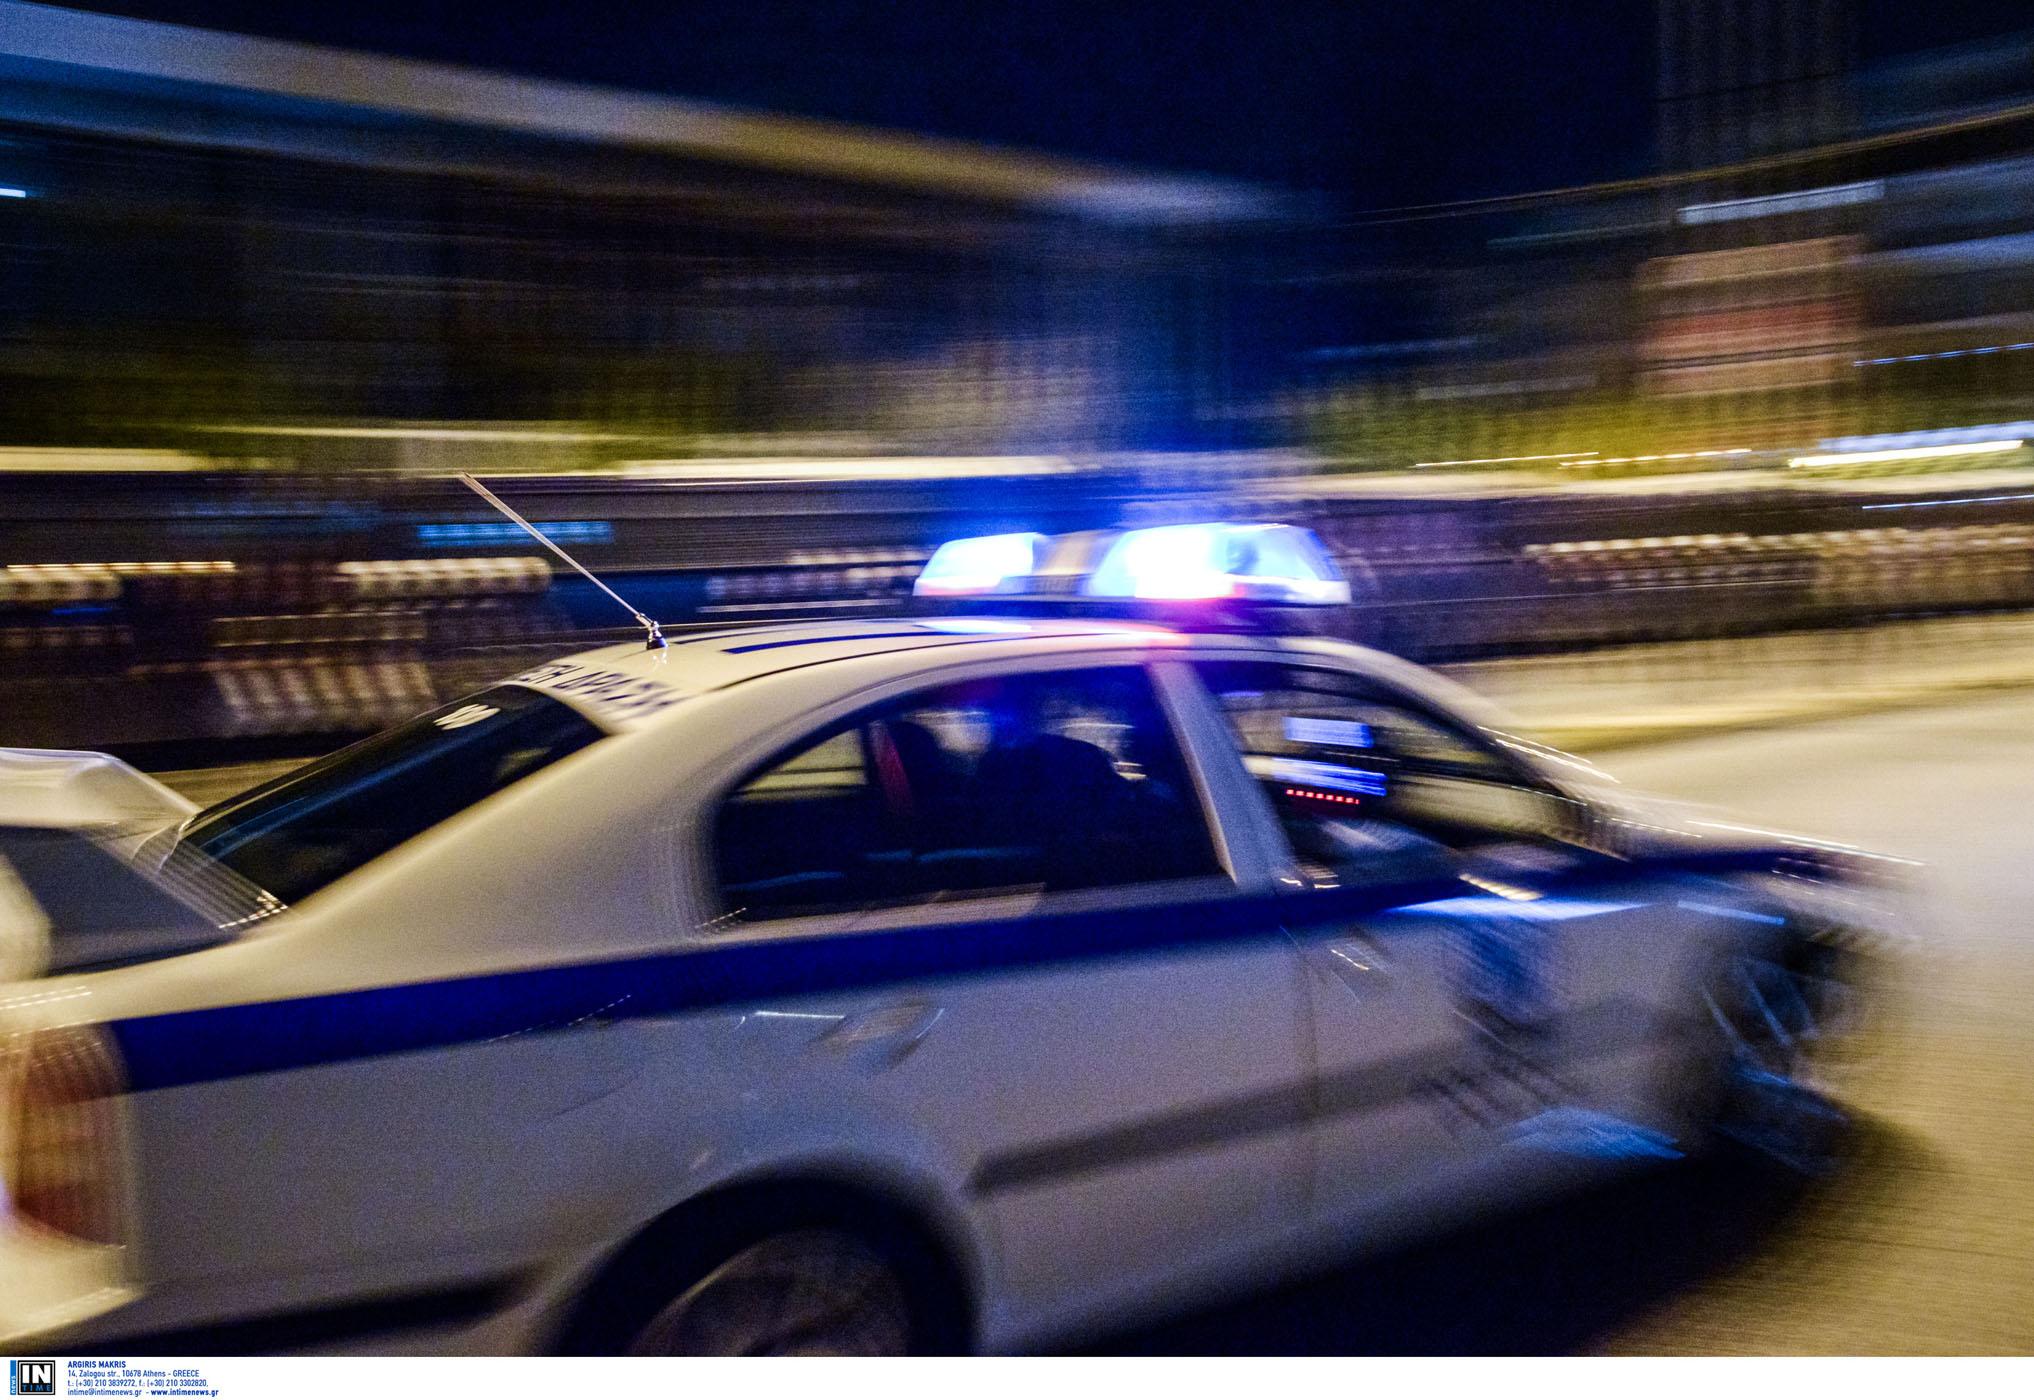 Ηράκλειο: Μεθυσμένος και χωρίς δίπλωμα οδηγός κόντεψε να σκοτώσει αστυνομικό σε μπλόκο